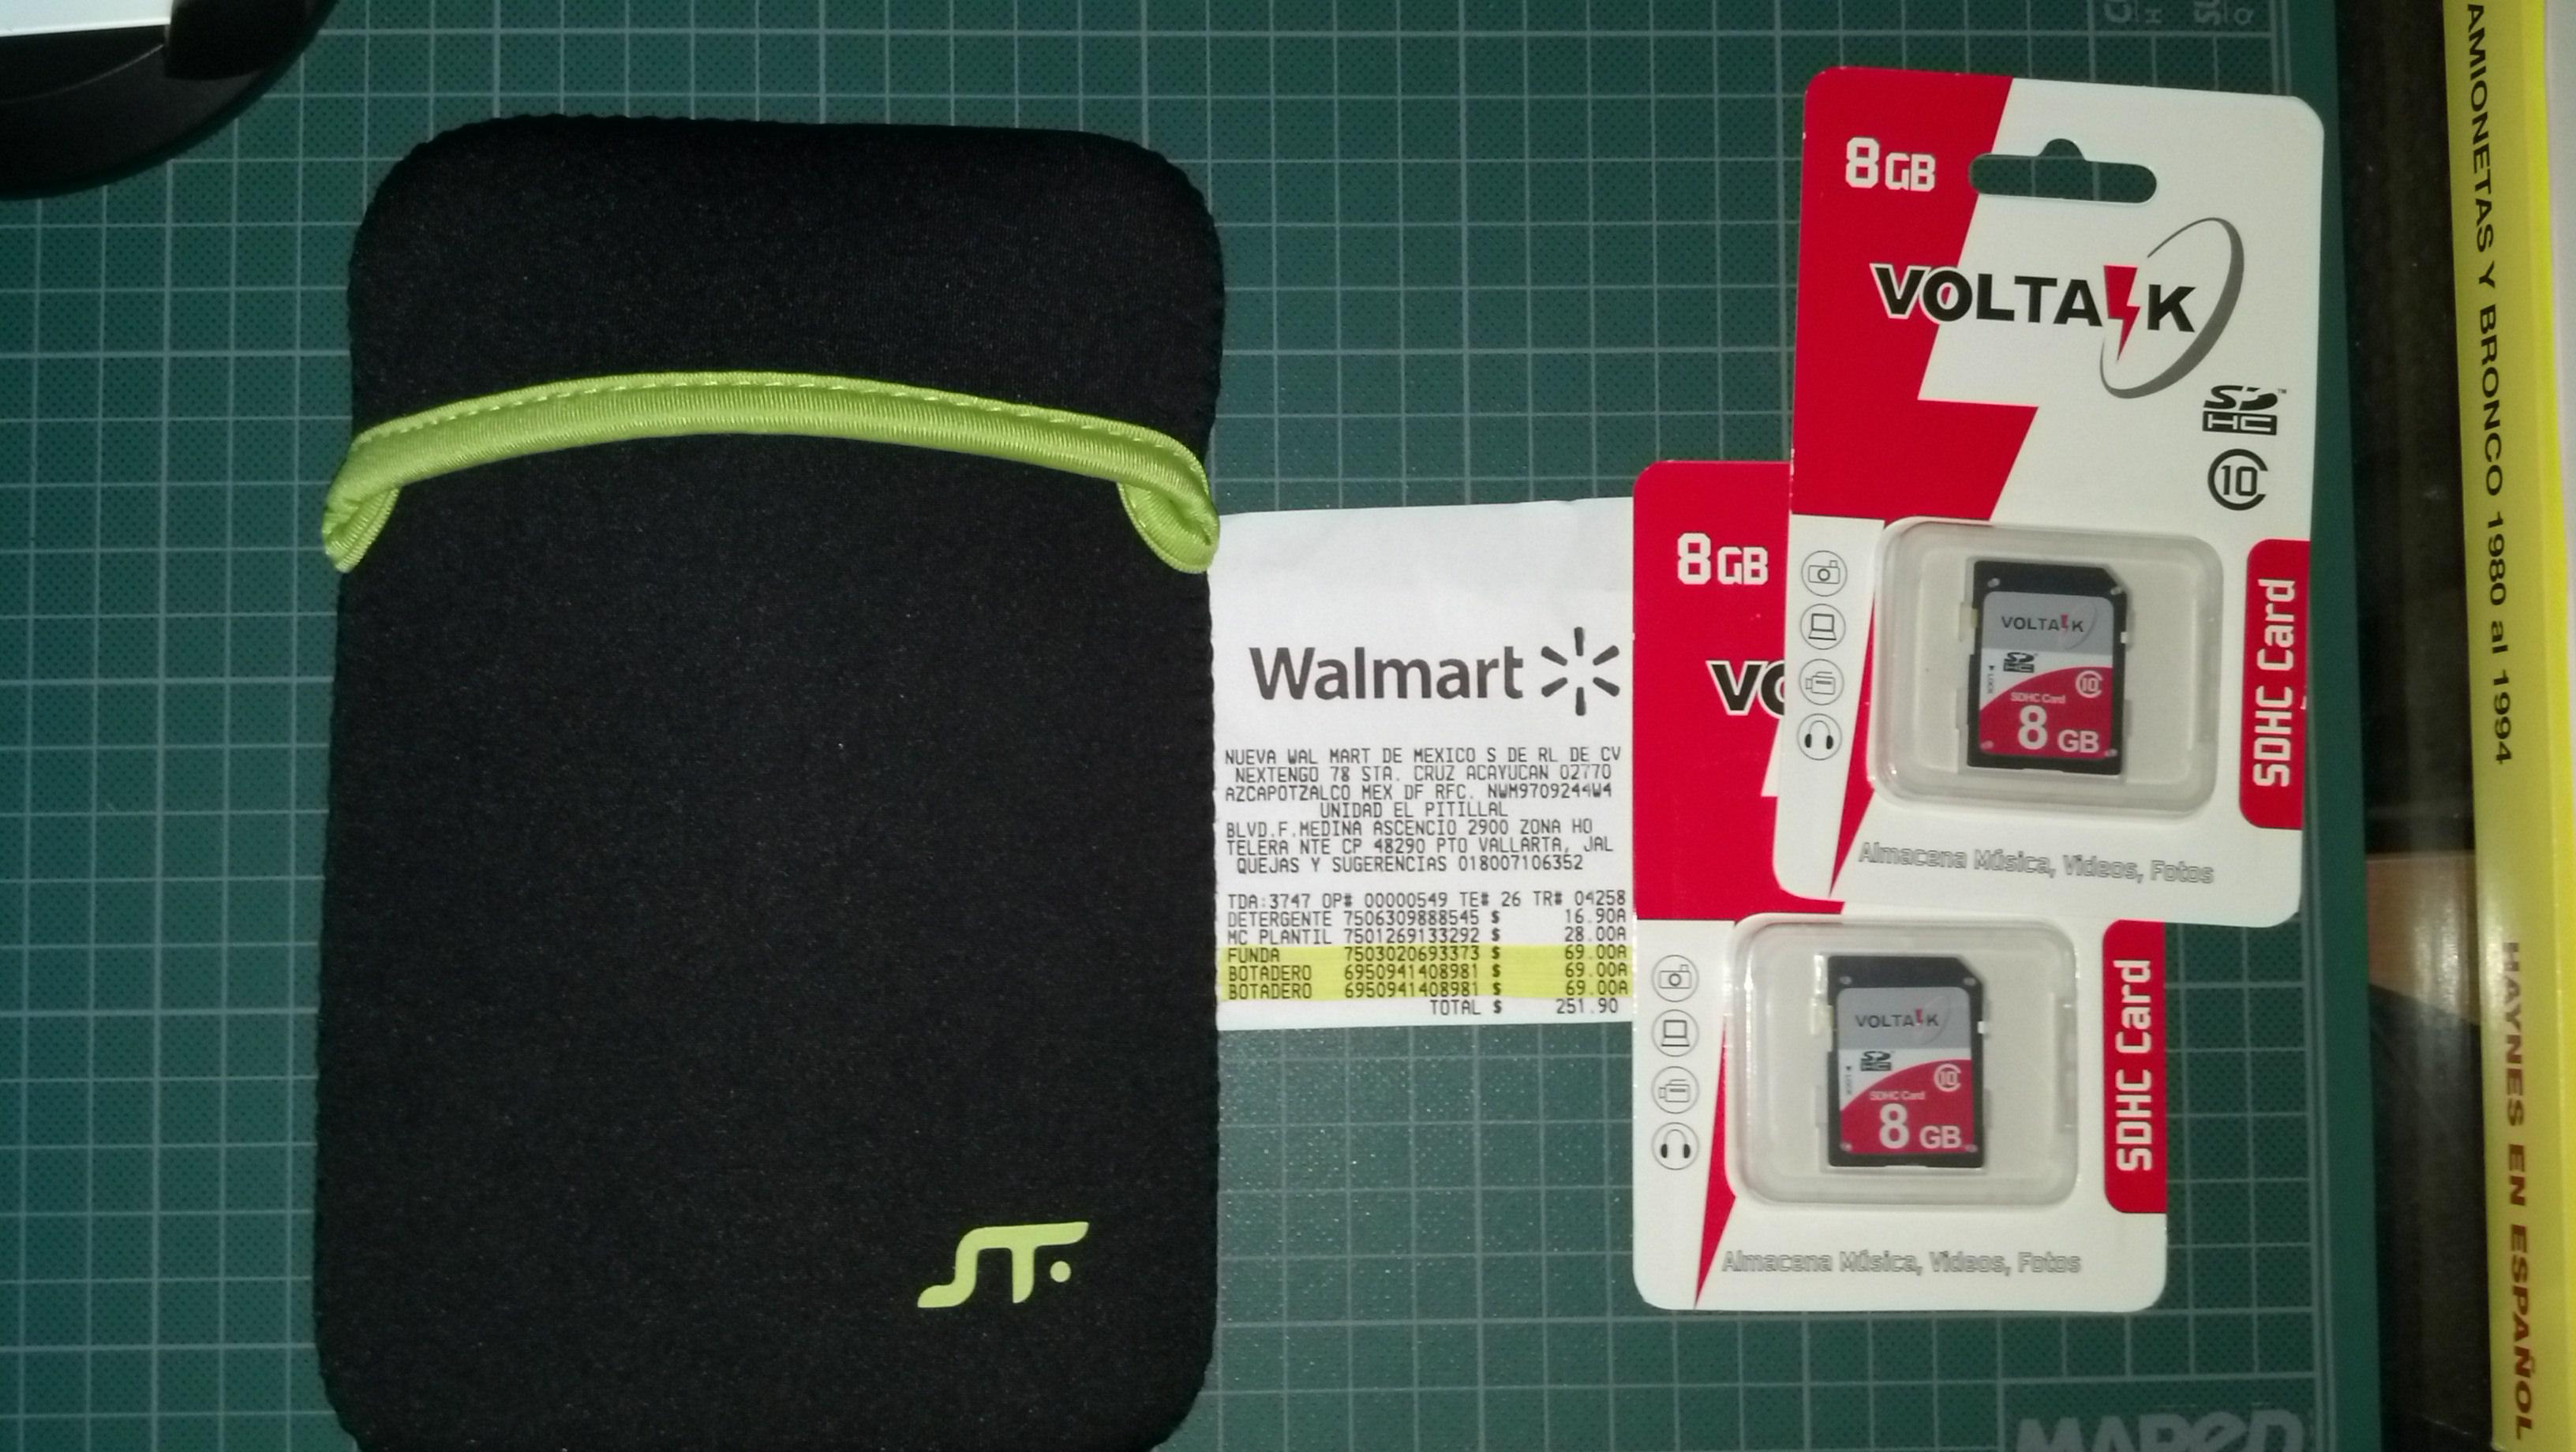 Walmart: Memoria SD de 8GB a $69 y funta de neopreno para tablet de 7 pulg. A $69